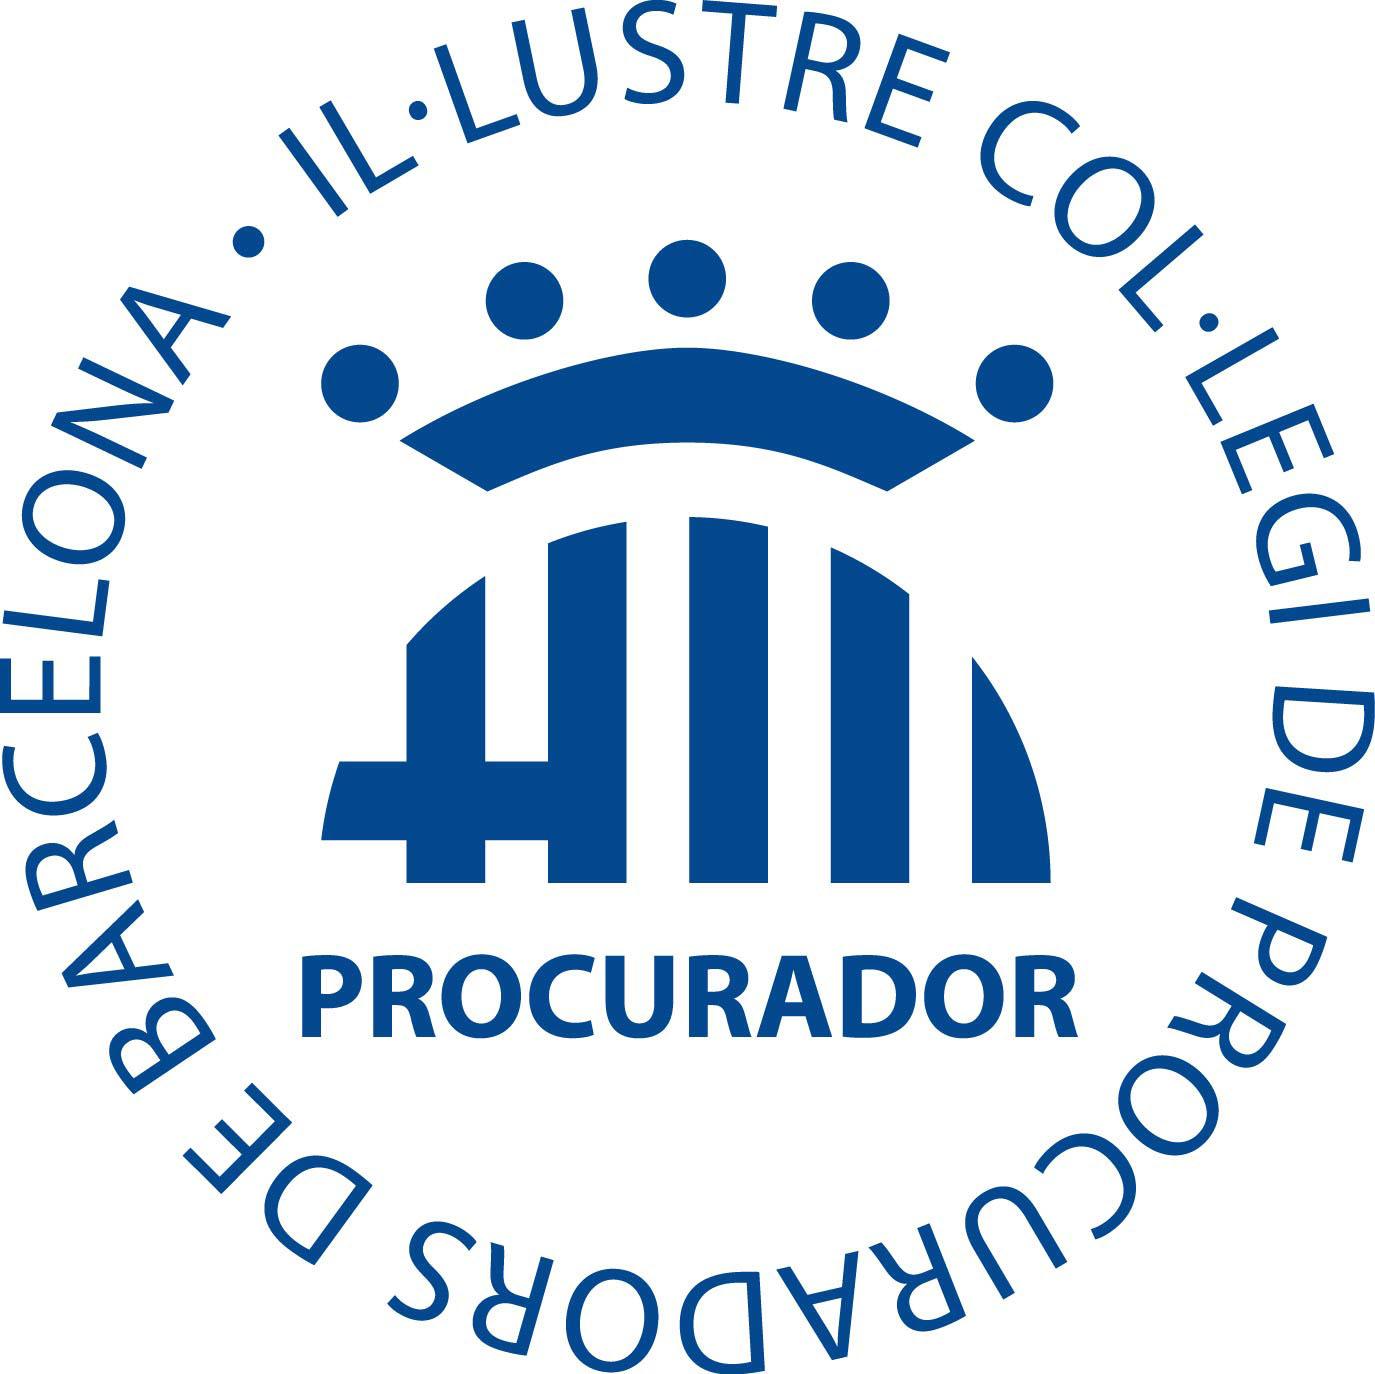 Procuradora de los Tribunales Col nº 945 ICPB joanna@procuradorajoanna.com